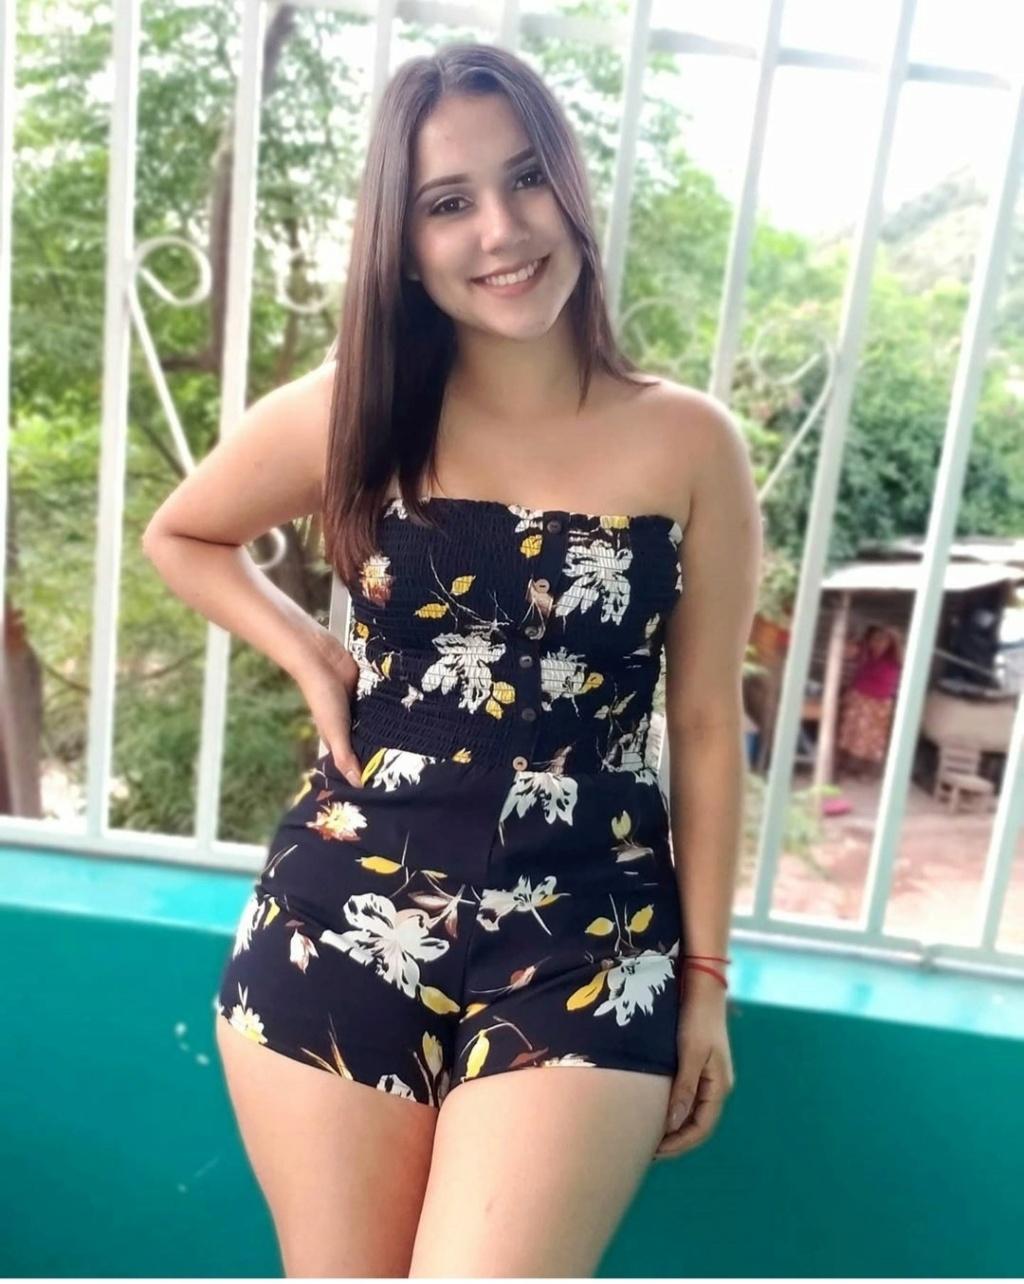 DEBATE sobre belleza, guapura y hermosura (fotos de chicas latinas, mestizas, y de todo) - VOL II - Página 7 Img_2802